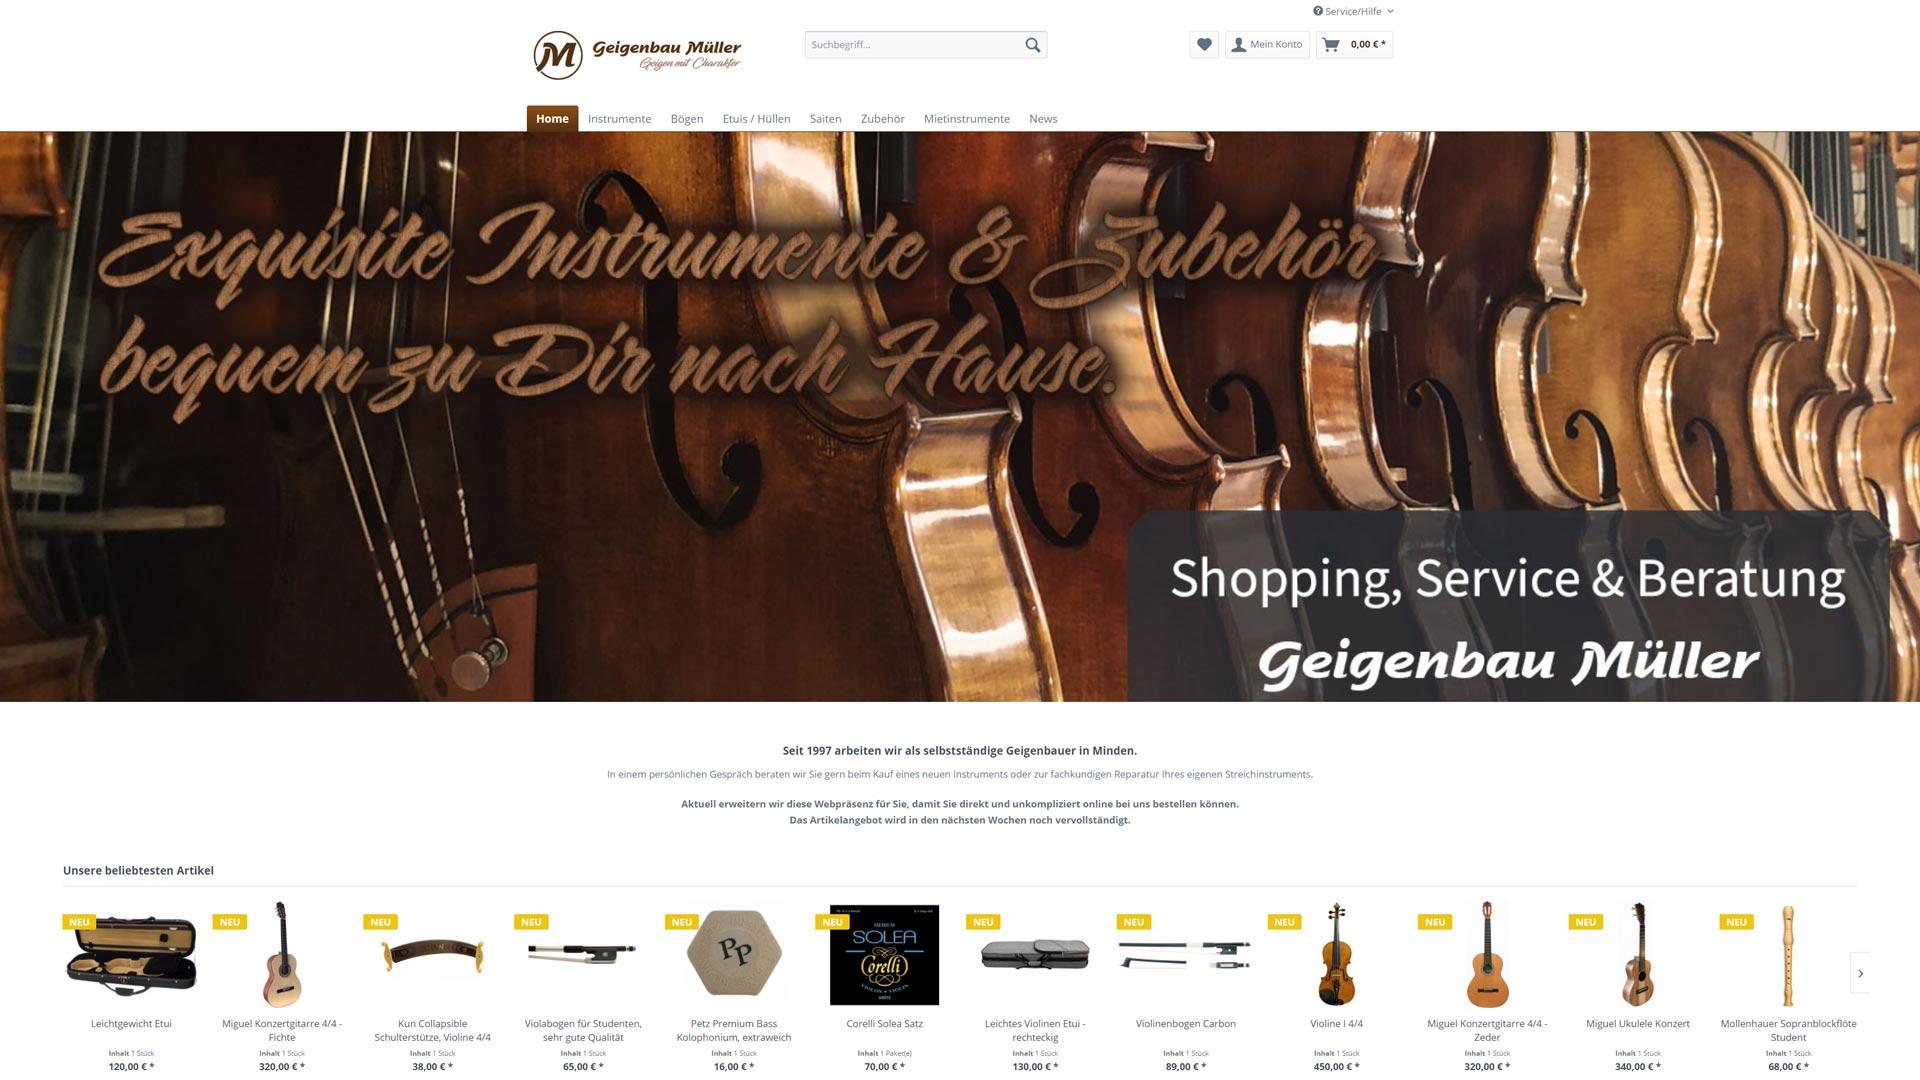 Screenshot: Geigenbau Müller Webshop